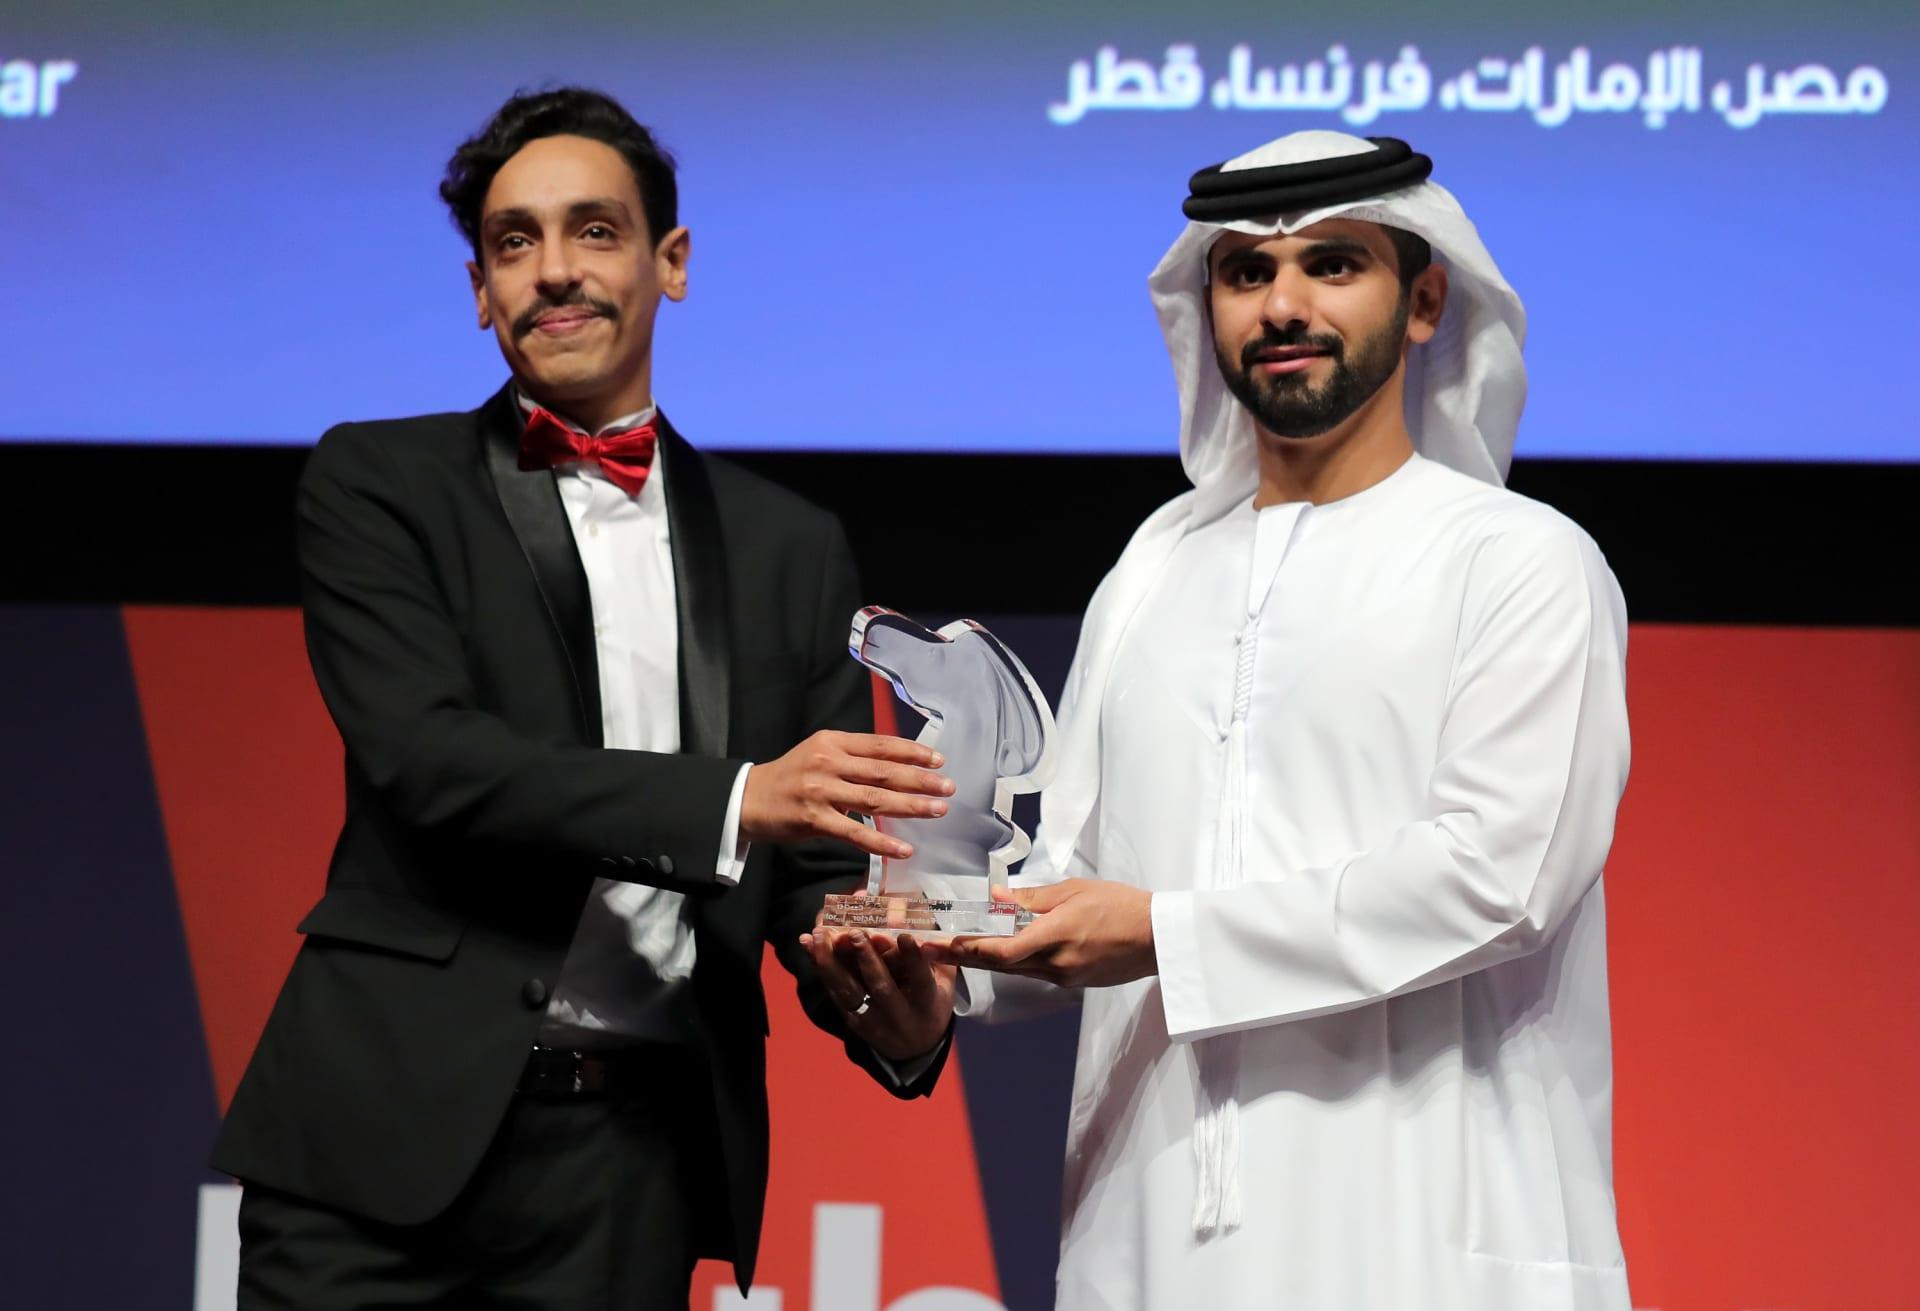 النجم المصري علي صبحي: لم أتوقع فوزي في دبي وأهدي الجائزة لكل من هو مختلف